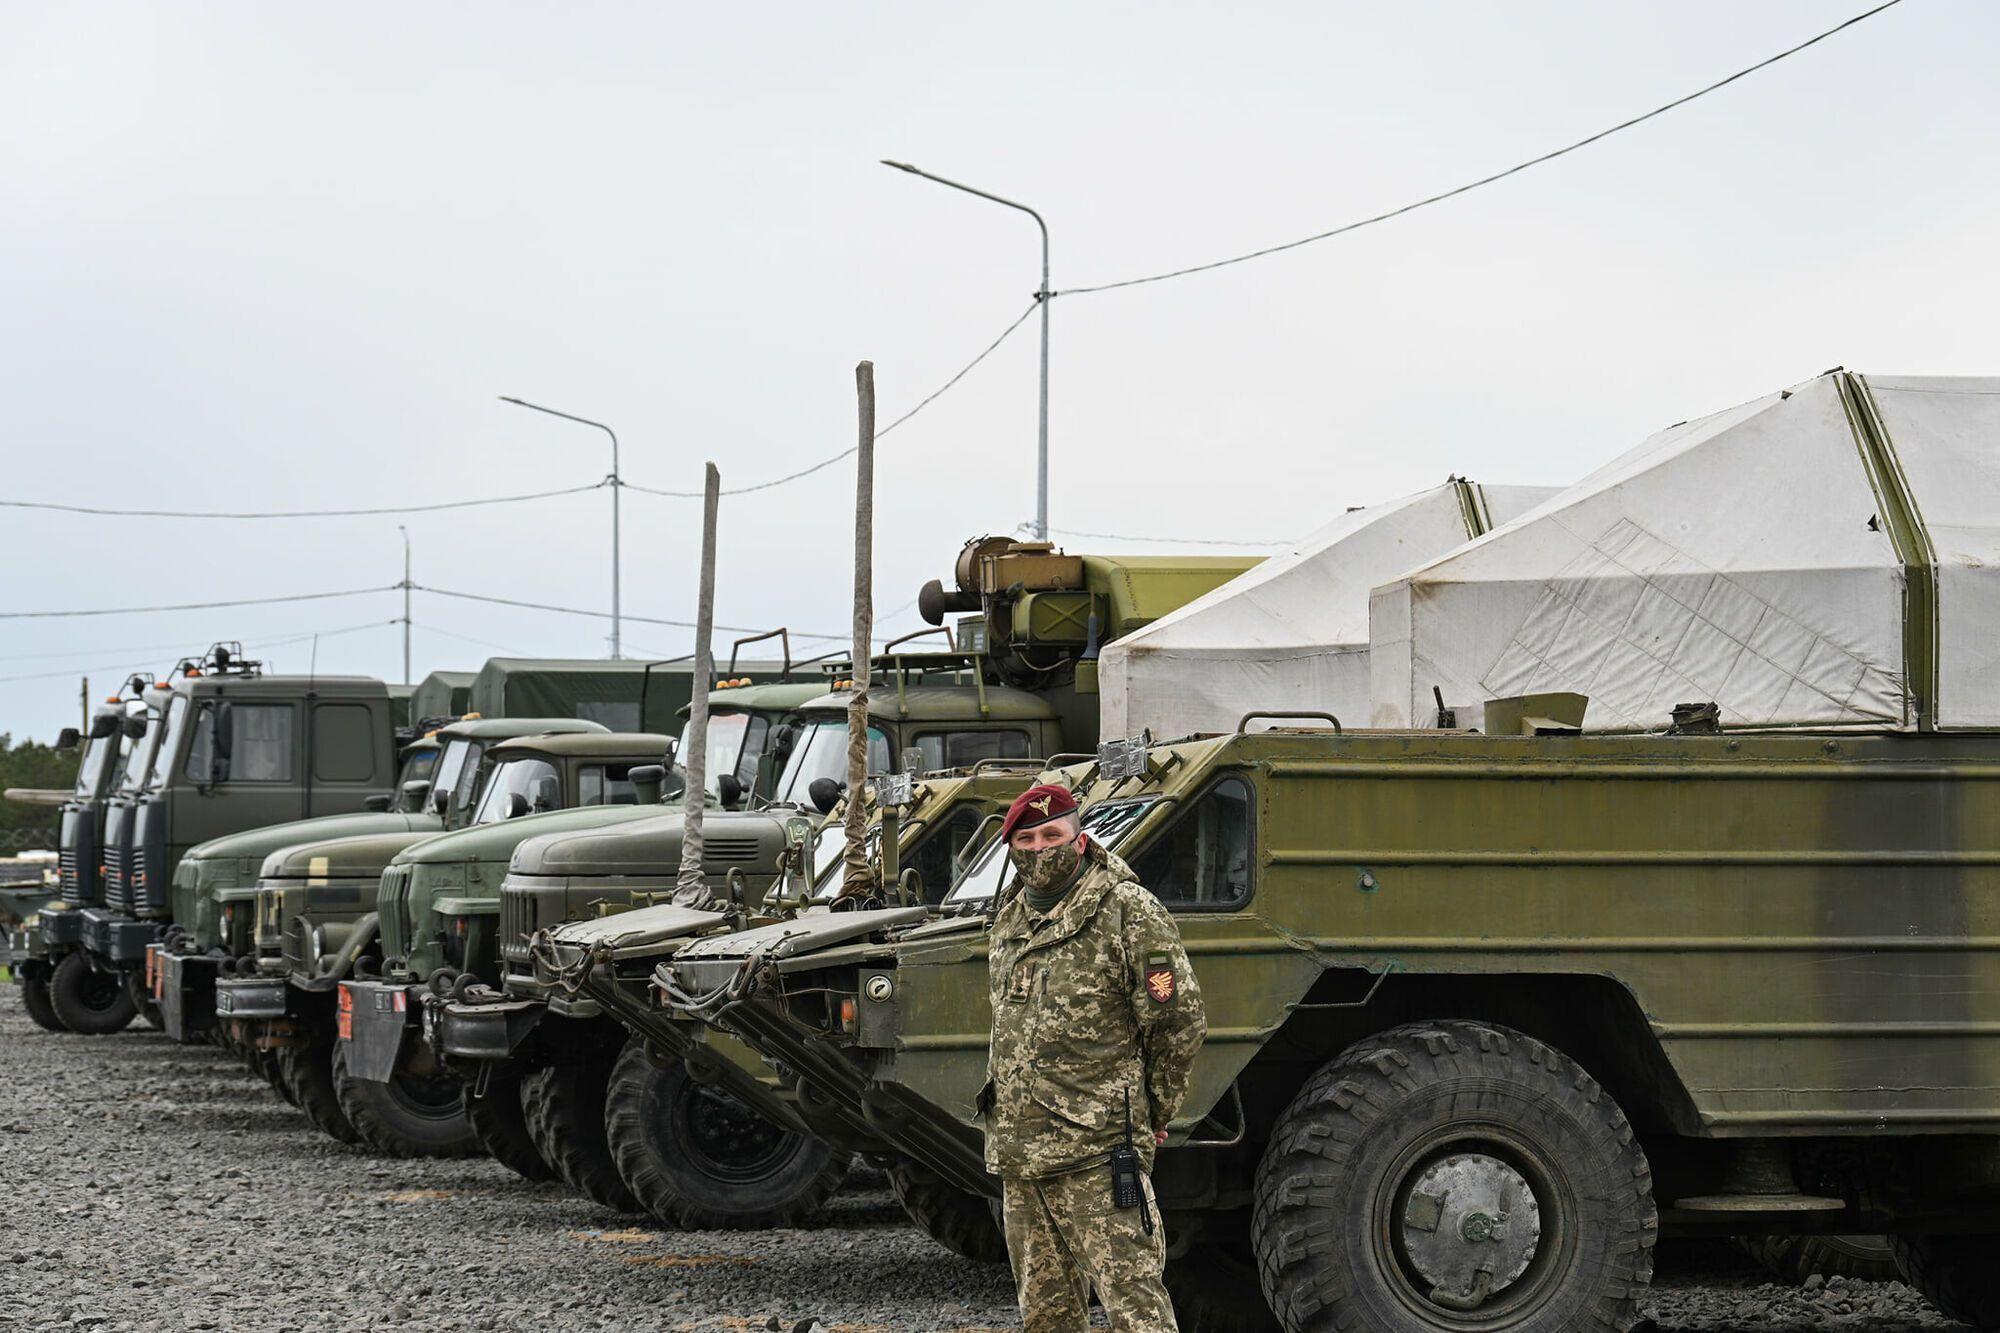 Президента ознакомили с оперативной обстановкой и системой укреплений на админгранице с Крымом